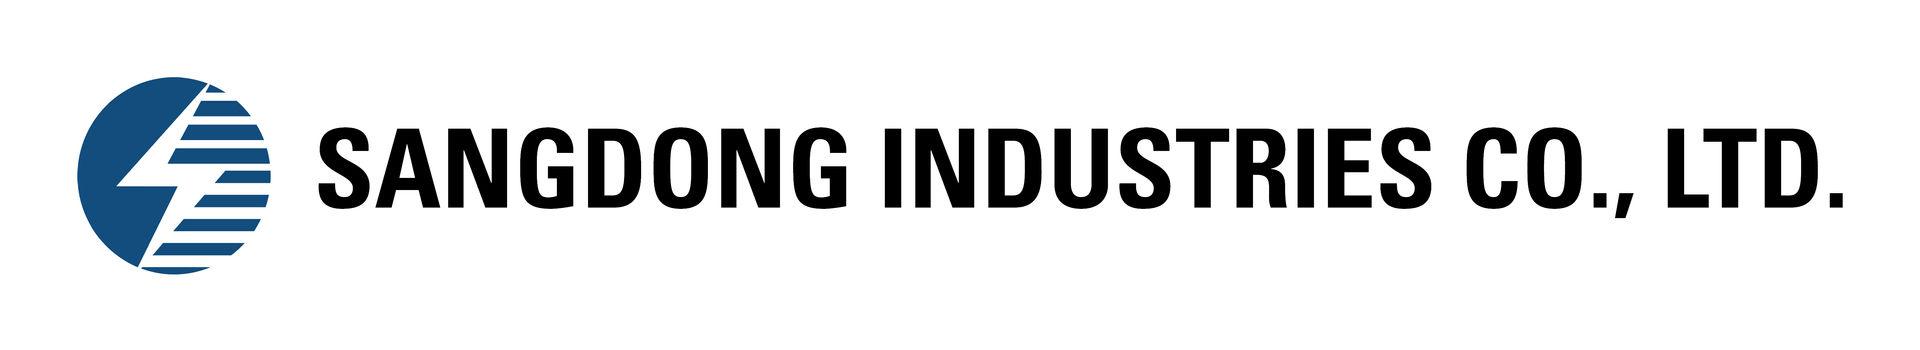 SANGDONG.Logo.jpg